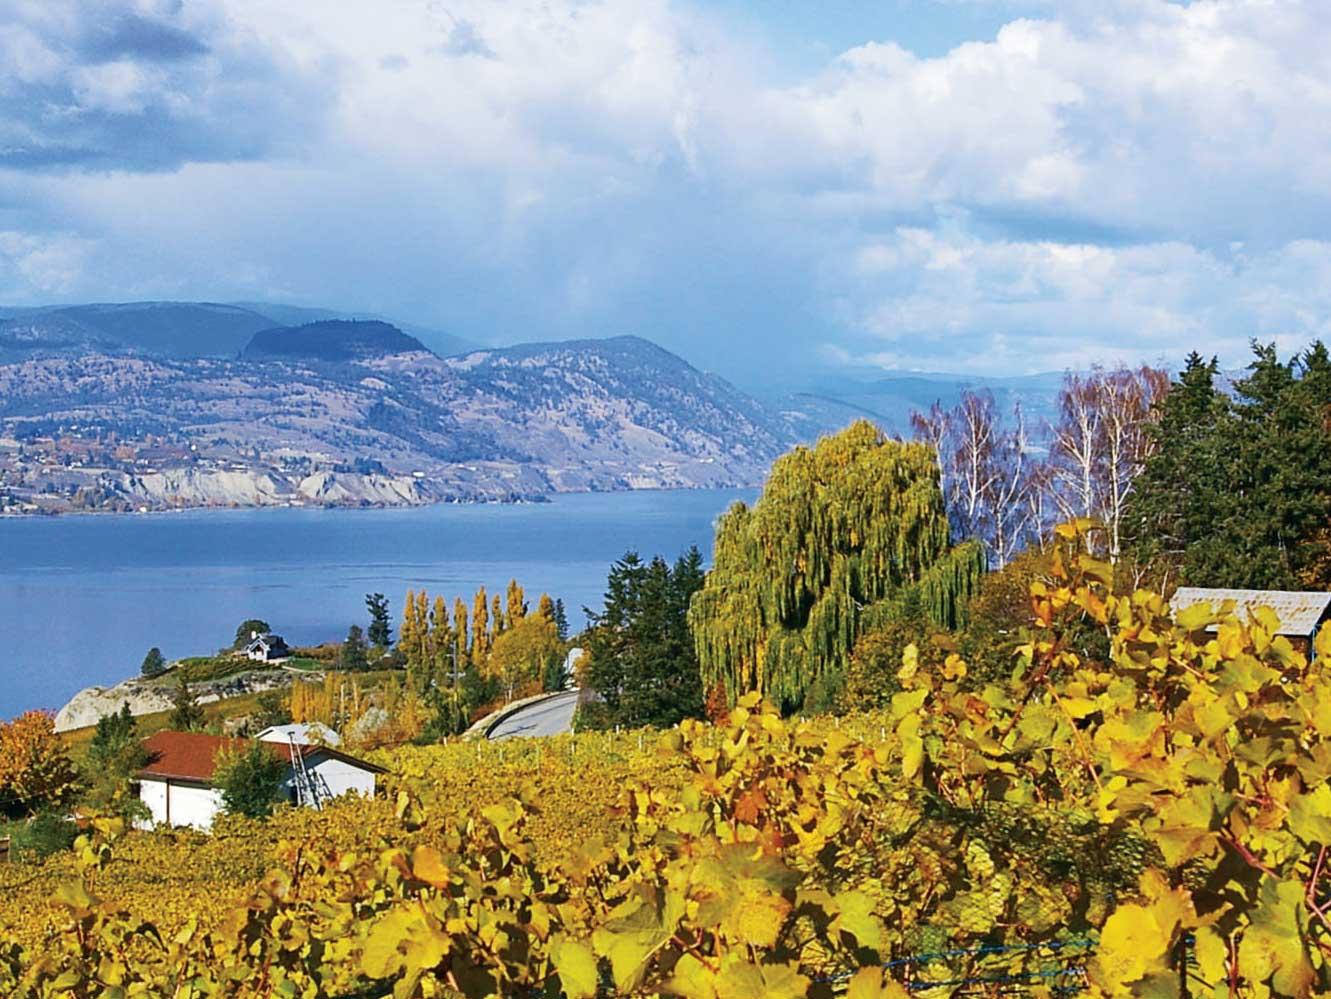 MONTE Autumn 15: Foxtrot Vineyards